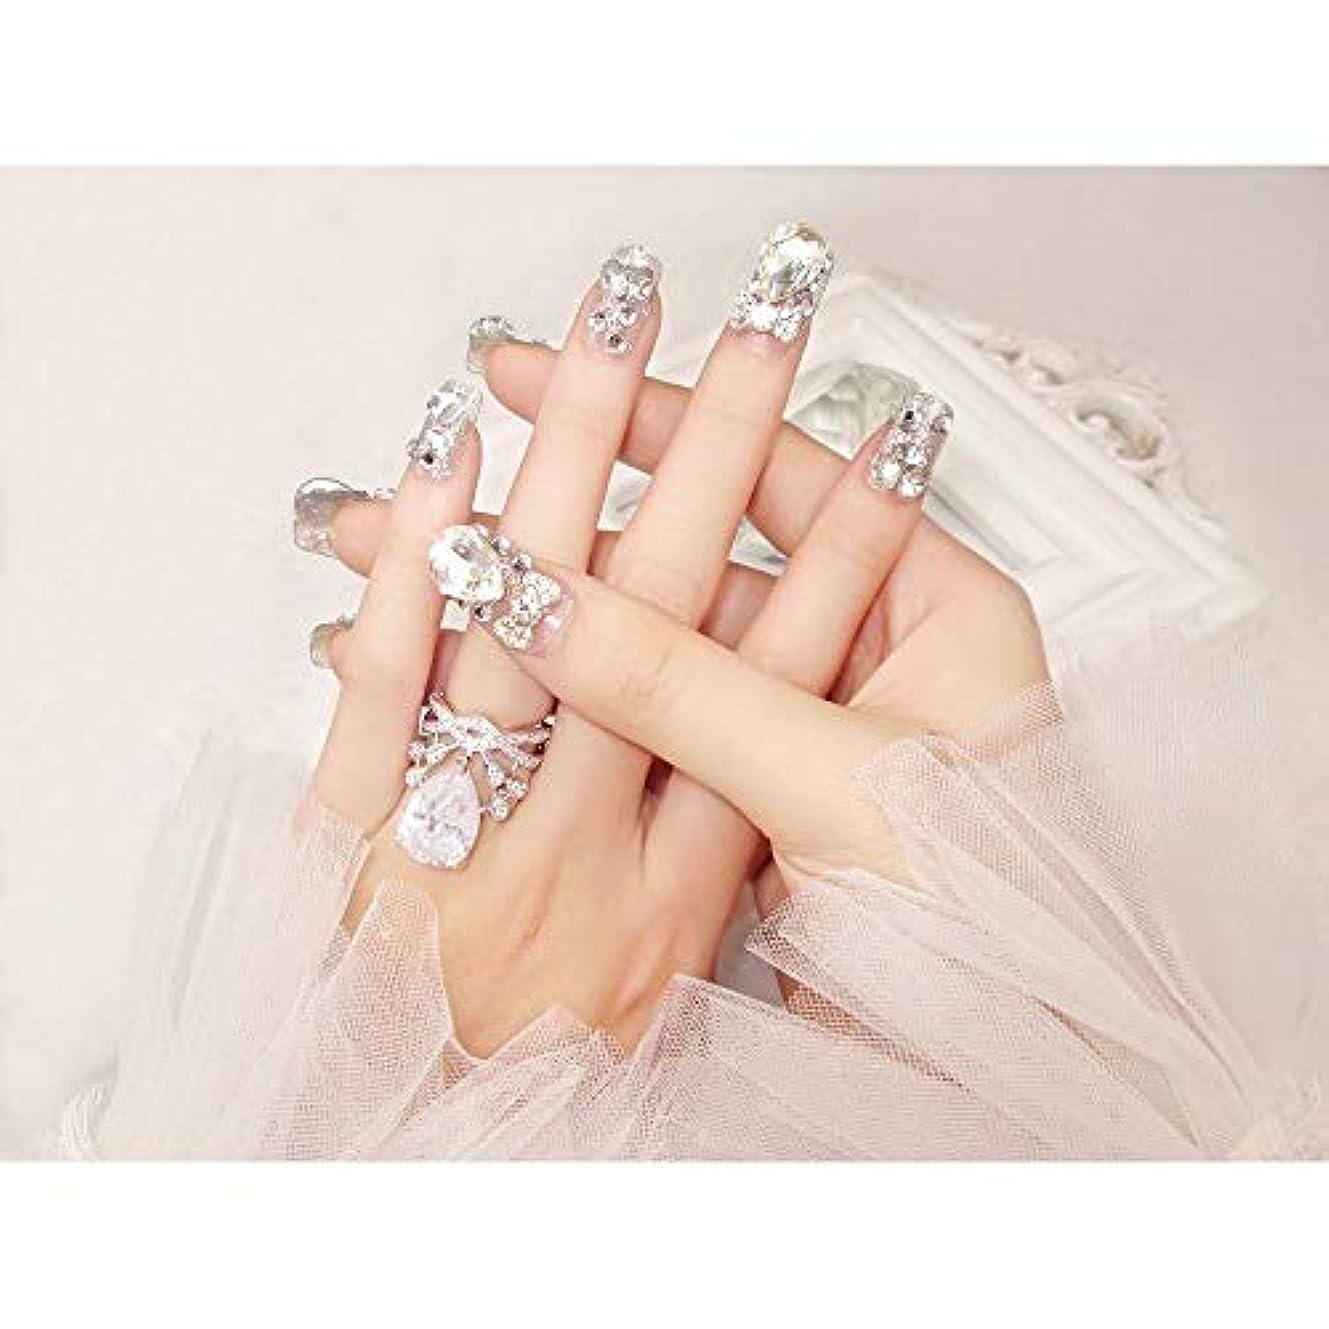 組み込む十代の若者たち亜熱帯LVUITTON 完成した偽の釘24ピース箱入り花嫁シャイニー偽の爪の宝石ダイヤモンドの宝石ブライダルネイルステッカー (色 : 24 pieces)